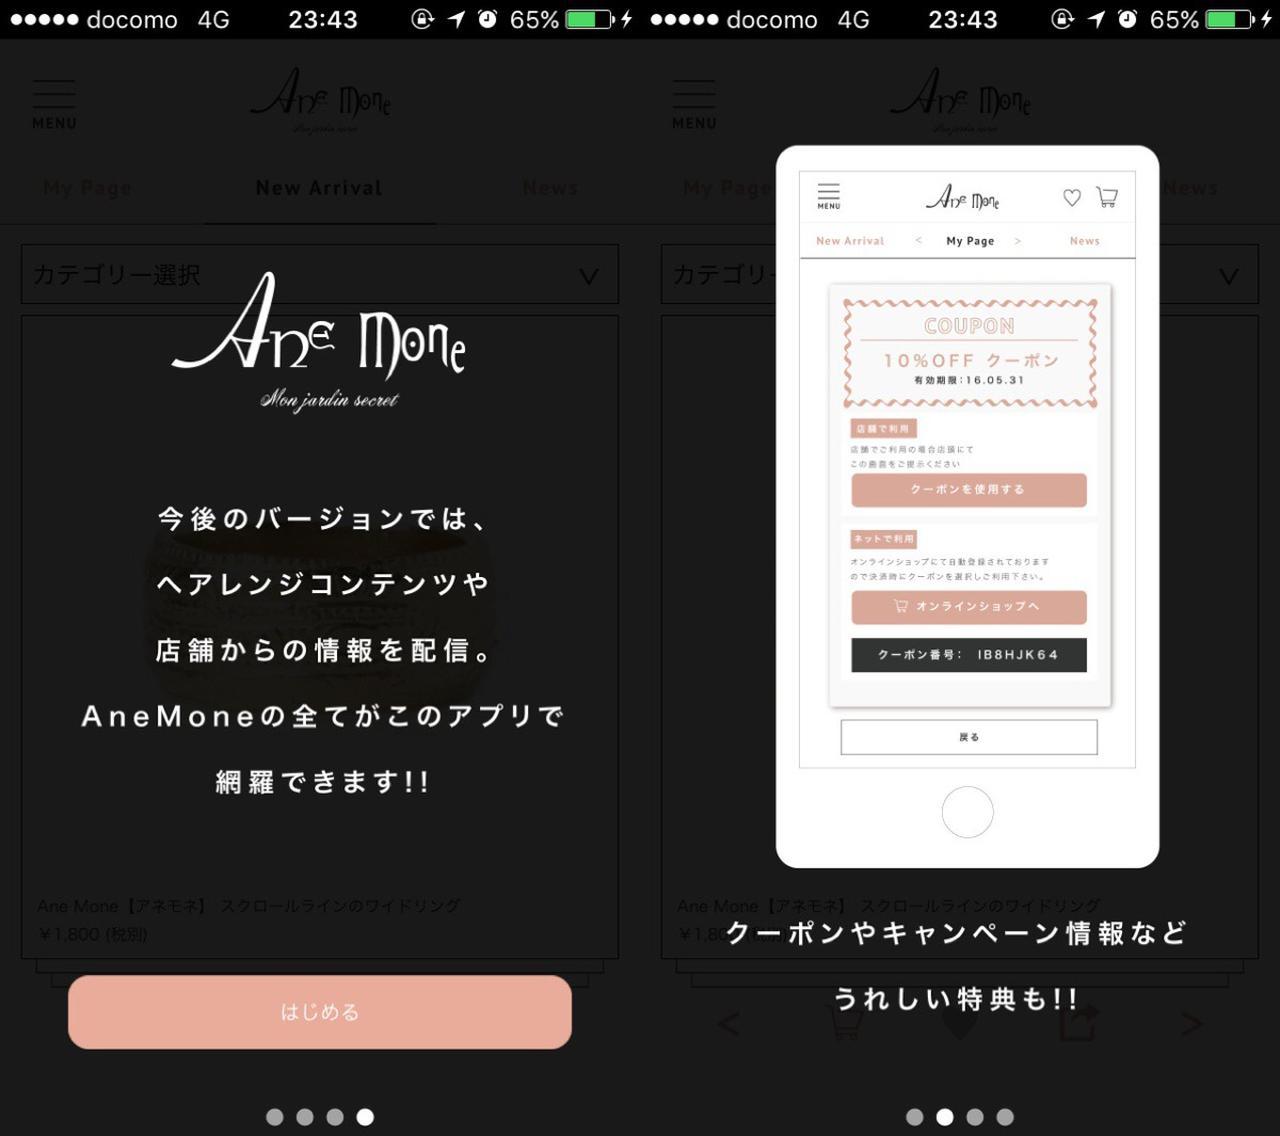 画像2: 気になった商品はアプリから購入可能。お店でもポイントが貯まる!